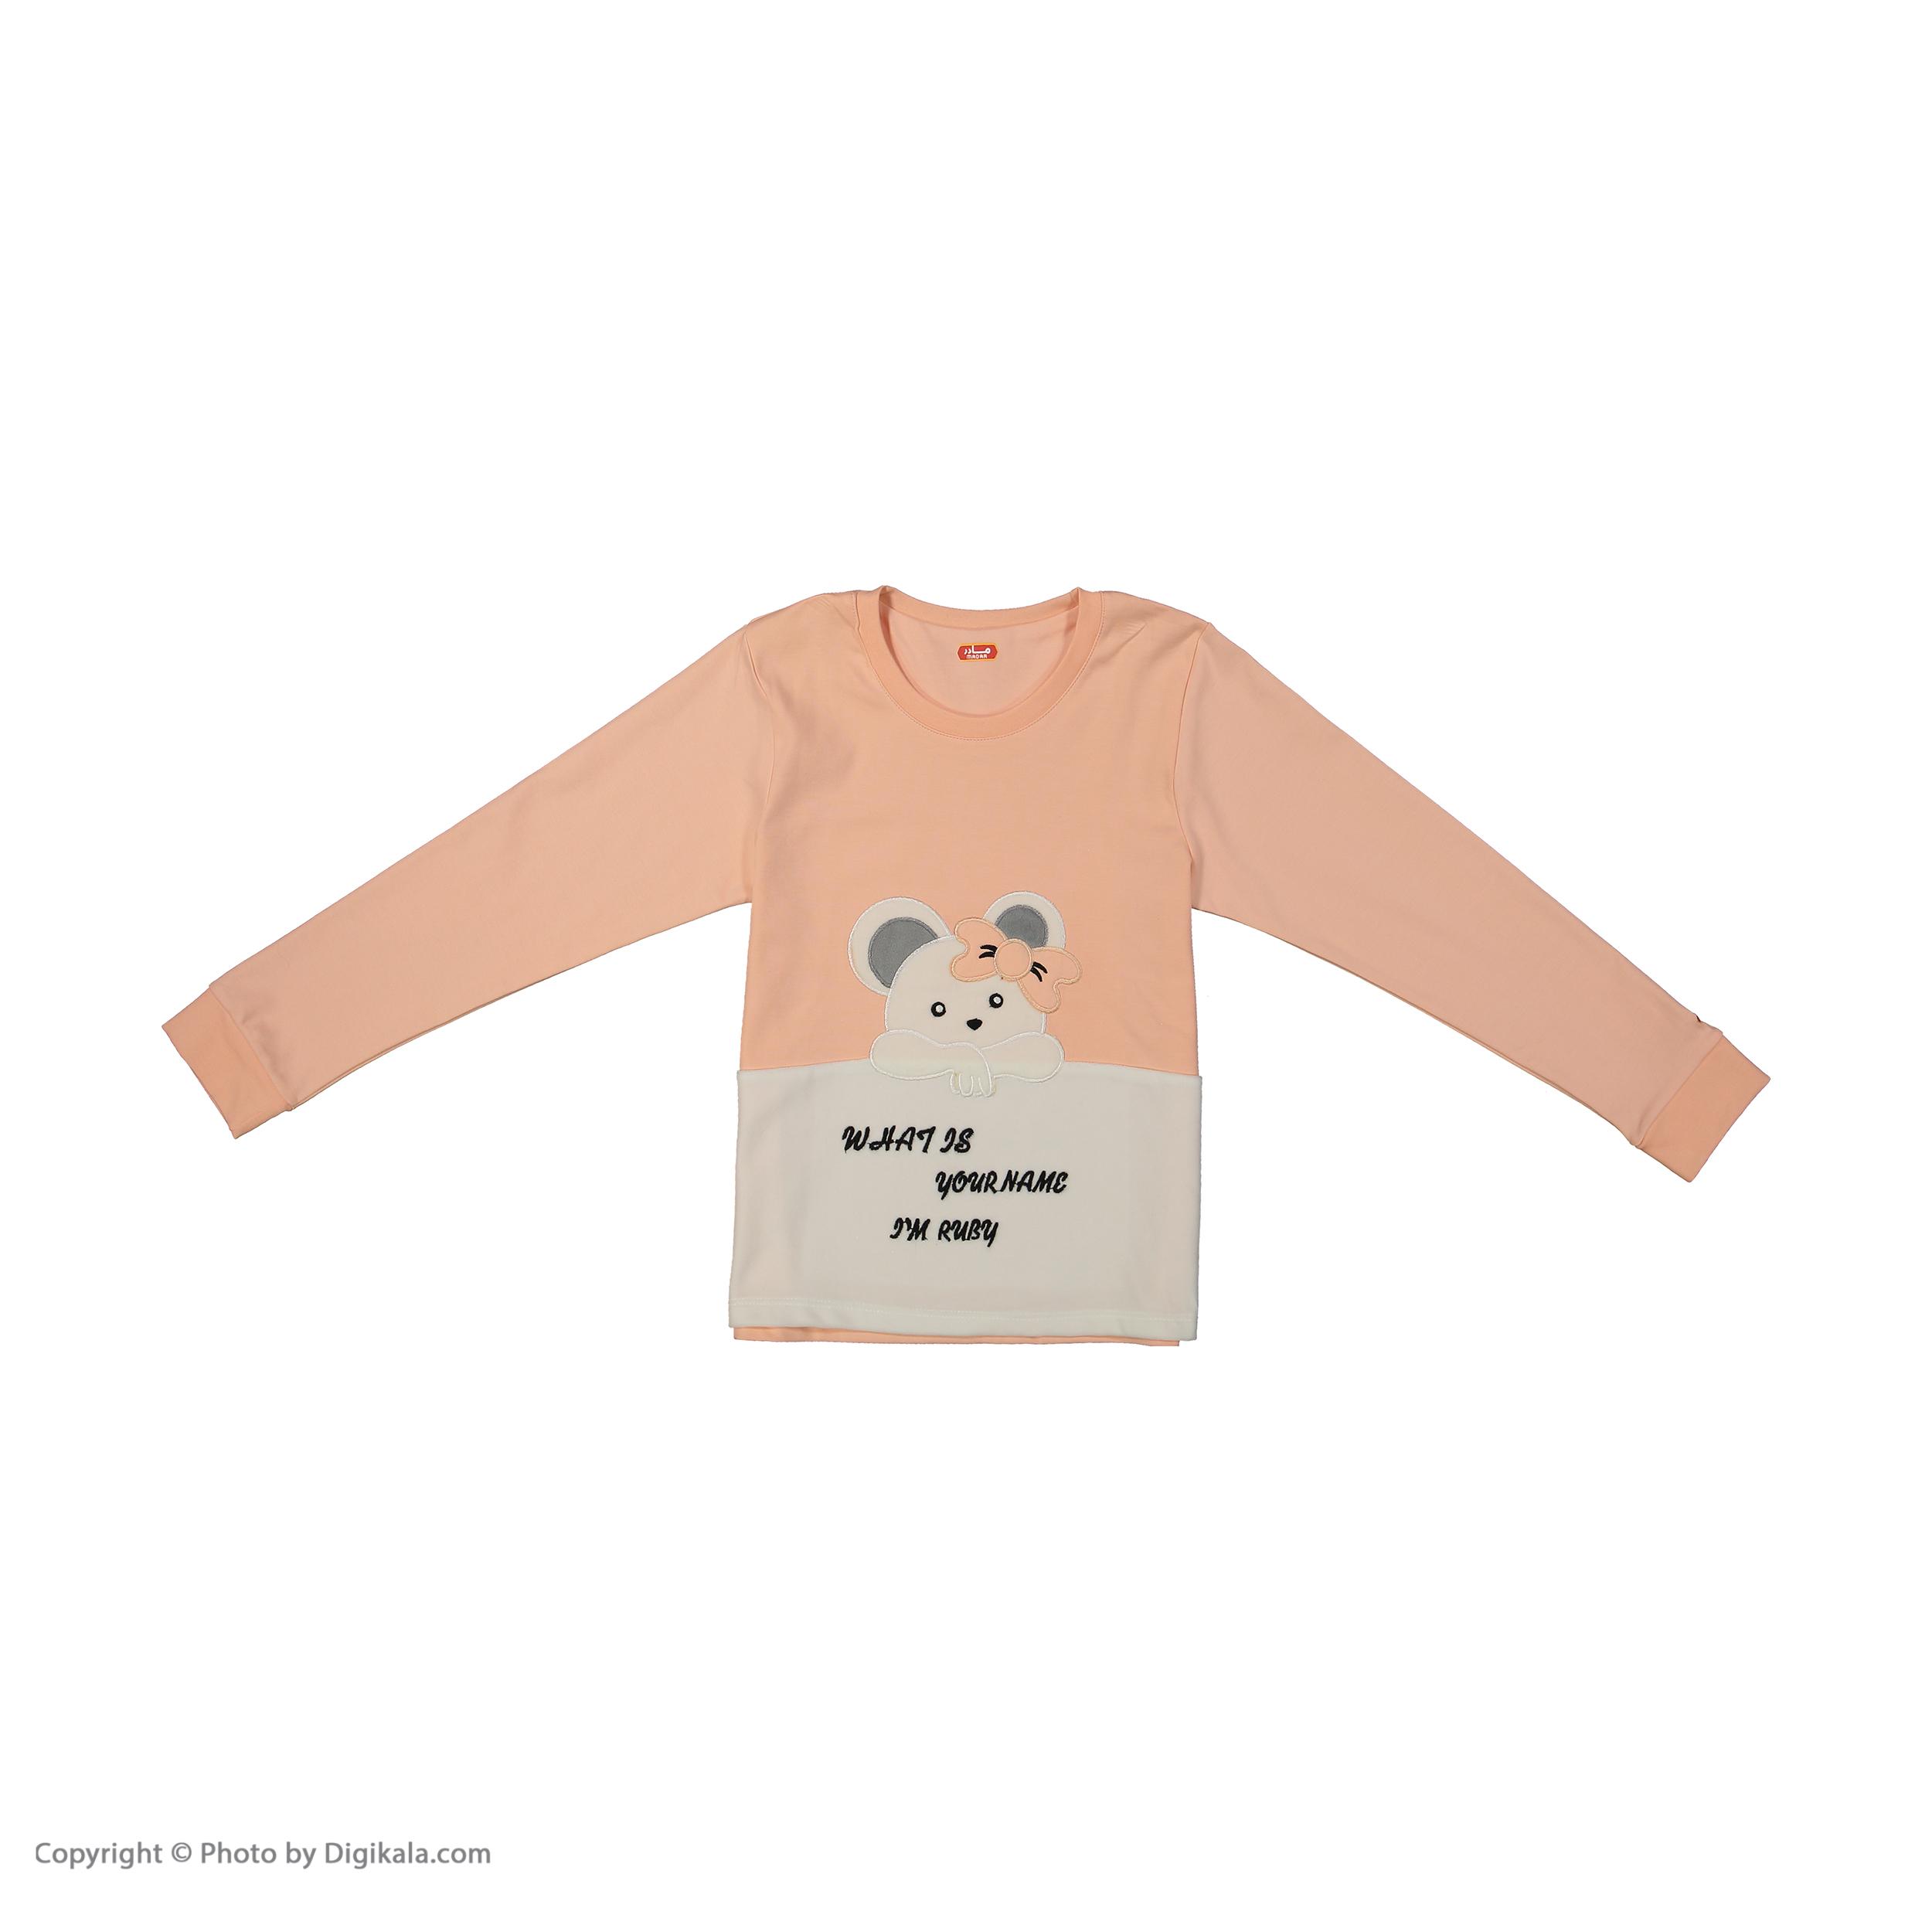 ست تی شرت و شلوار دخترانه مادر مدل 301-80 main 1 2